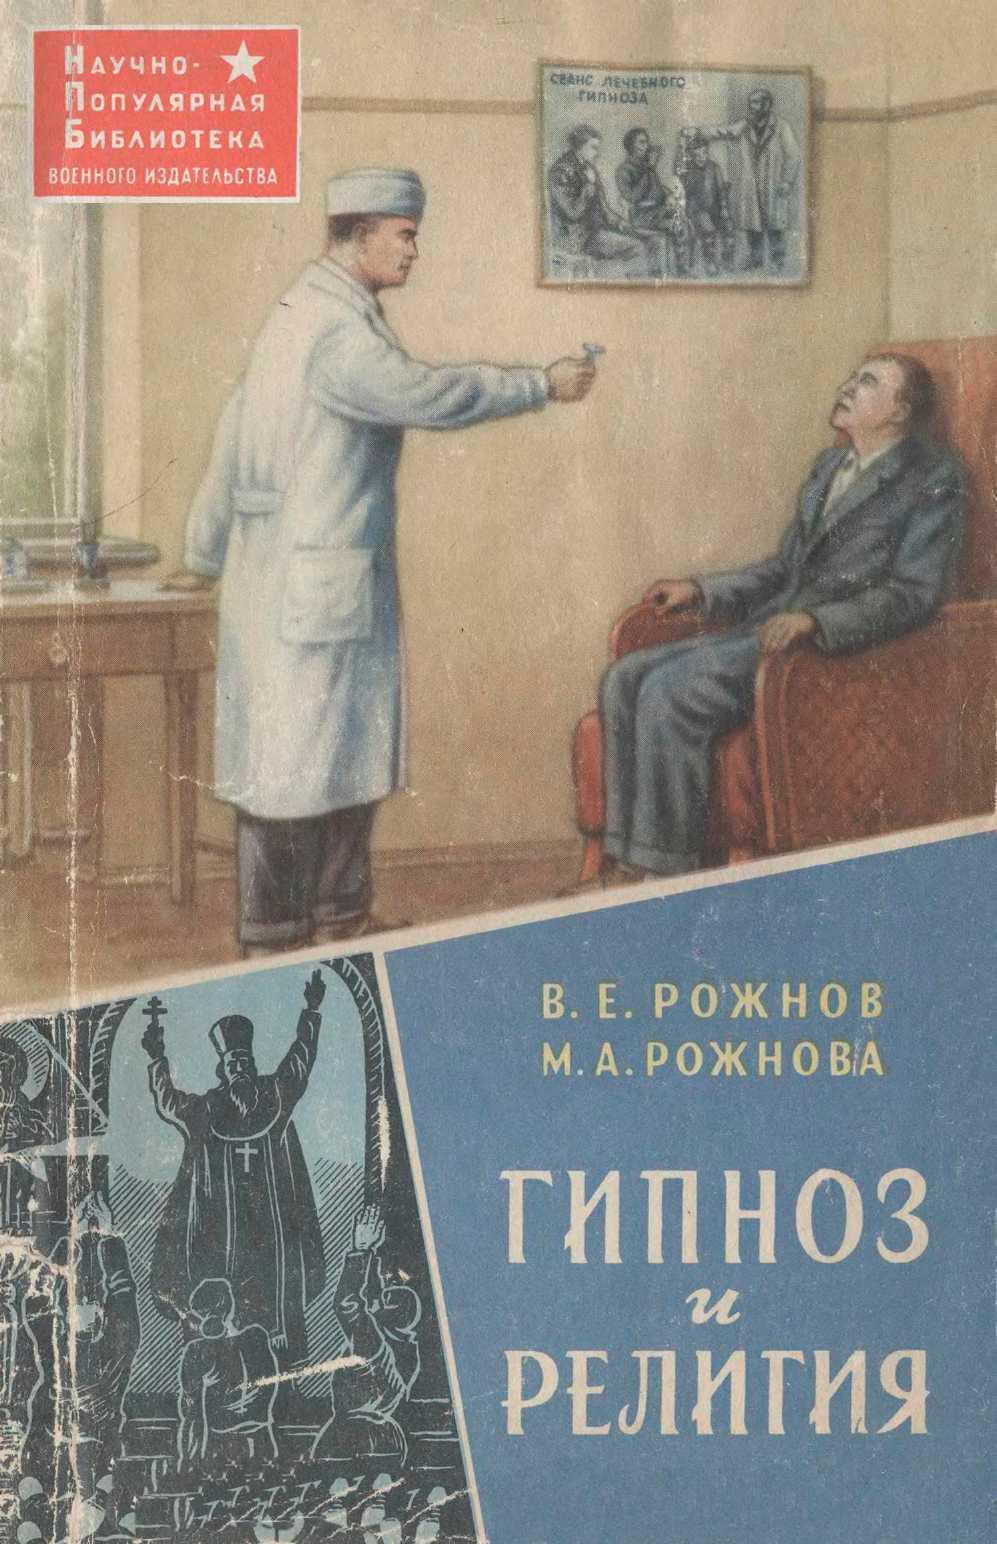 Фемдом аудио гипноз на русском языке 18 фотография